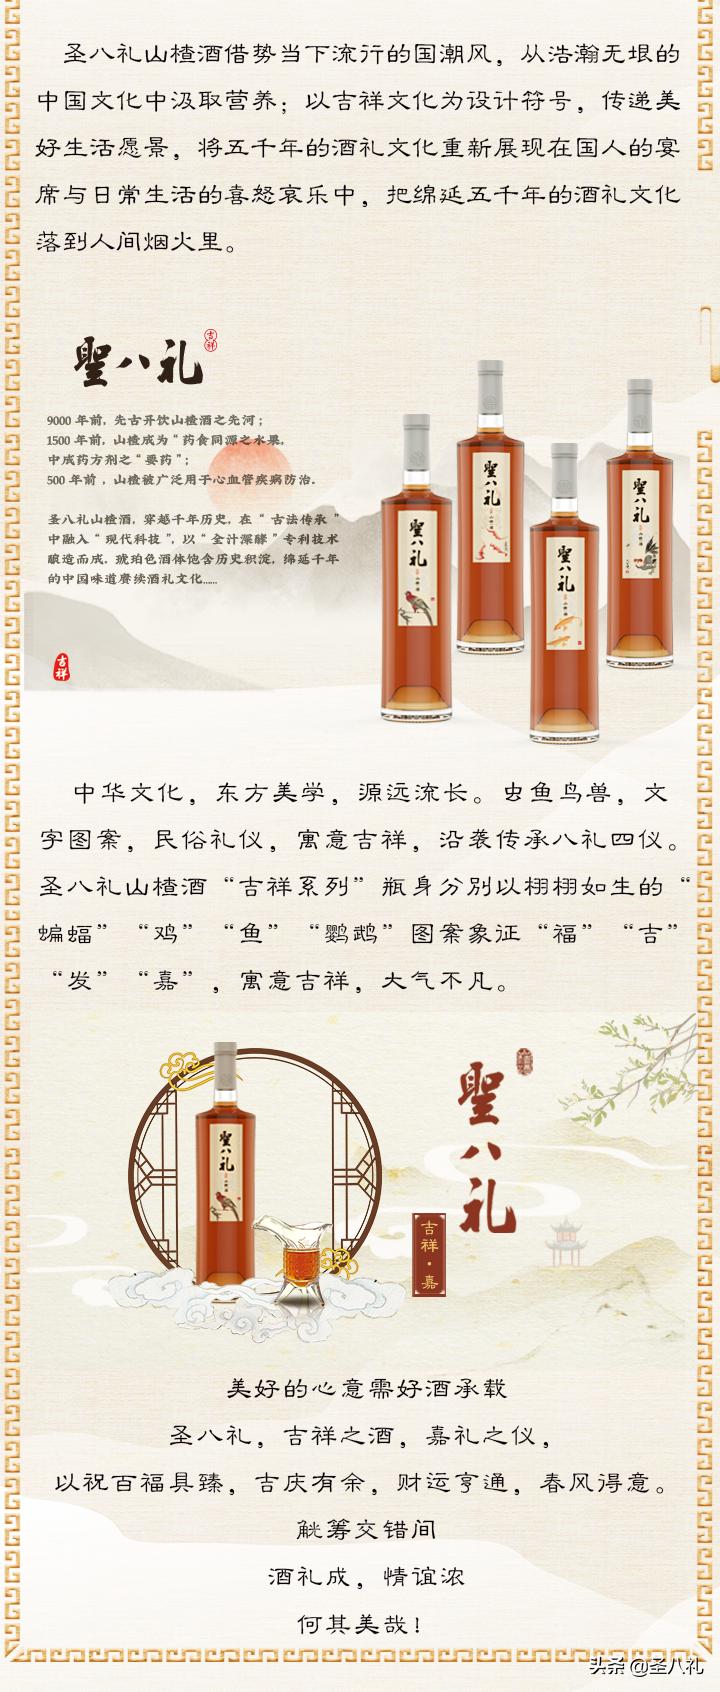 无酒不成礼   圣八礼山楂酒传承千年酒礼文化